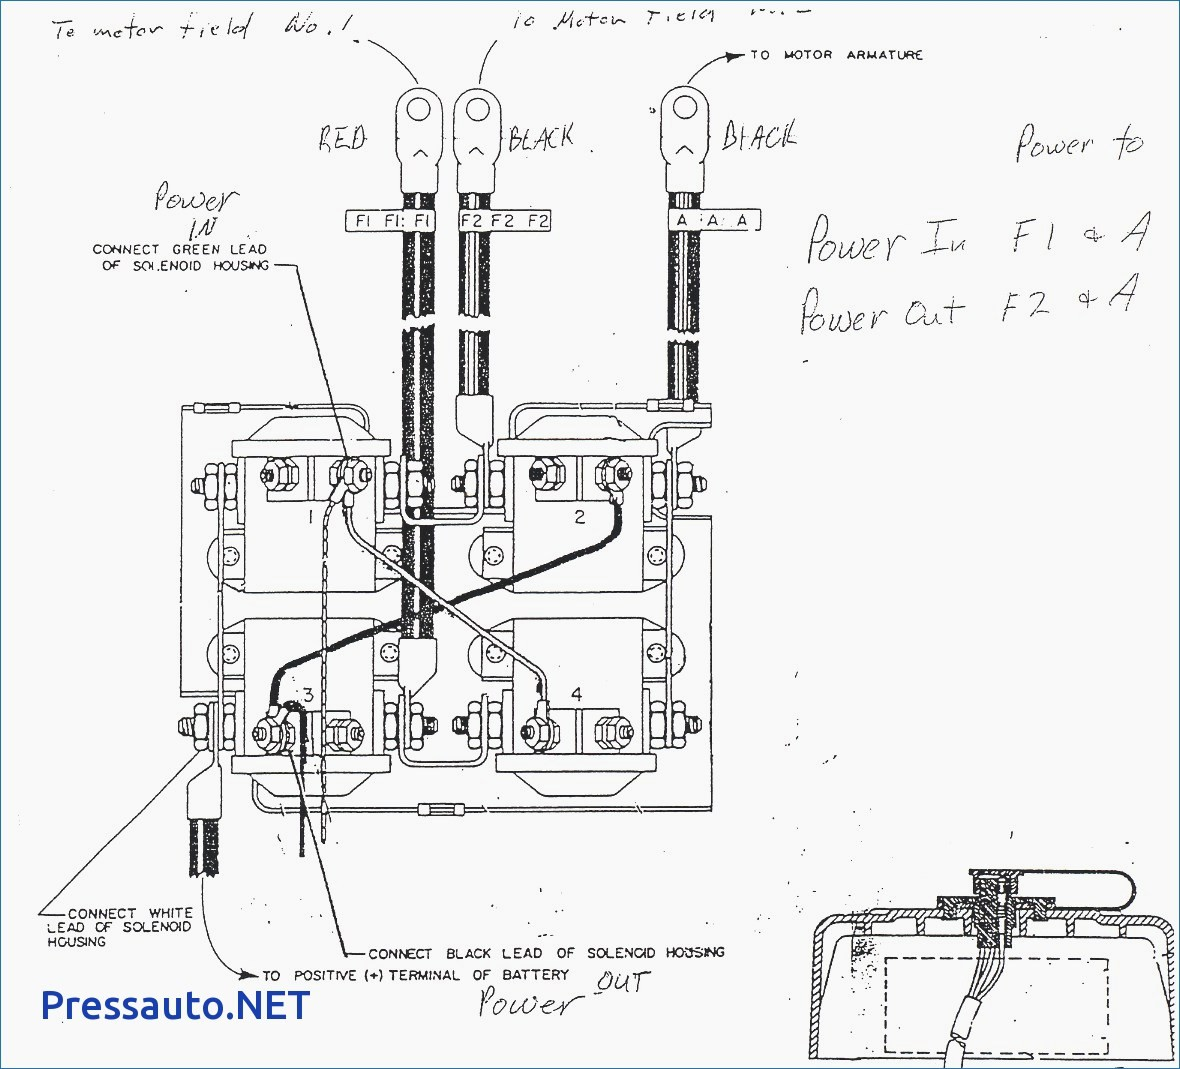 4020 John Deere Wiring Diagram For Free Free Download Wiring Diagram